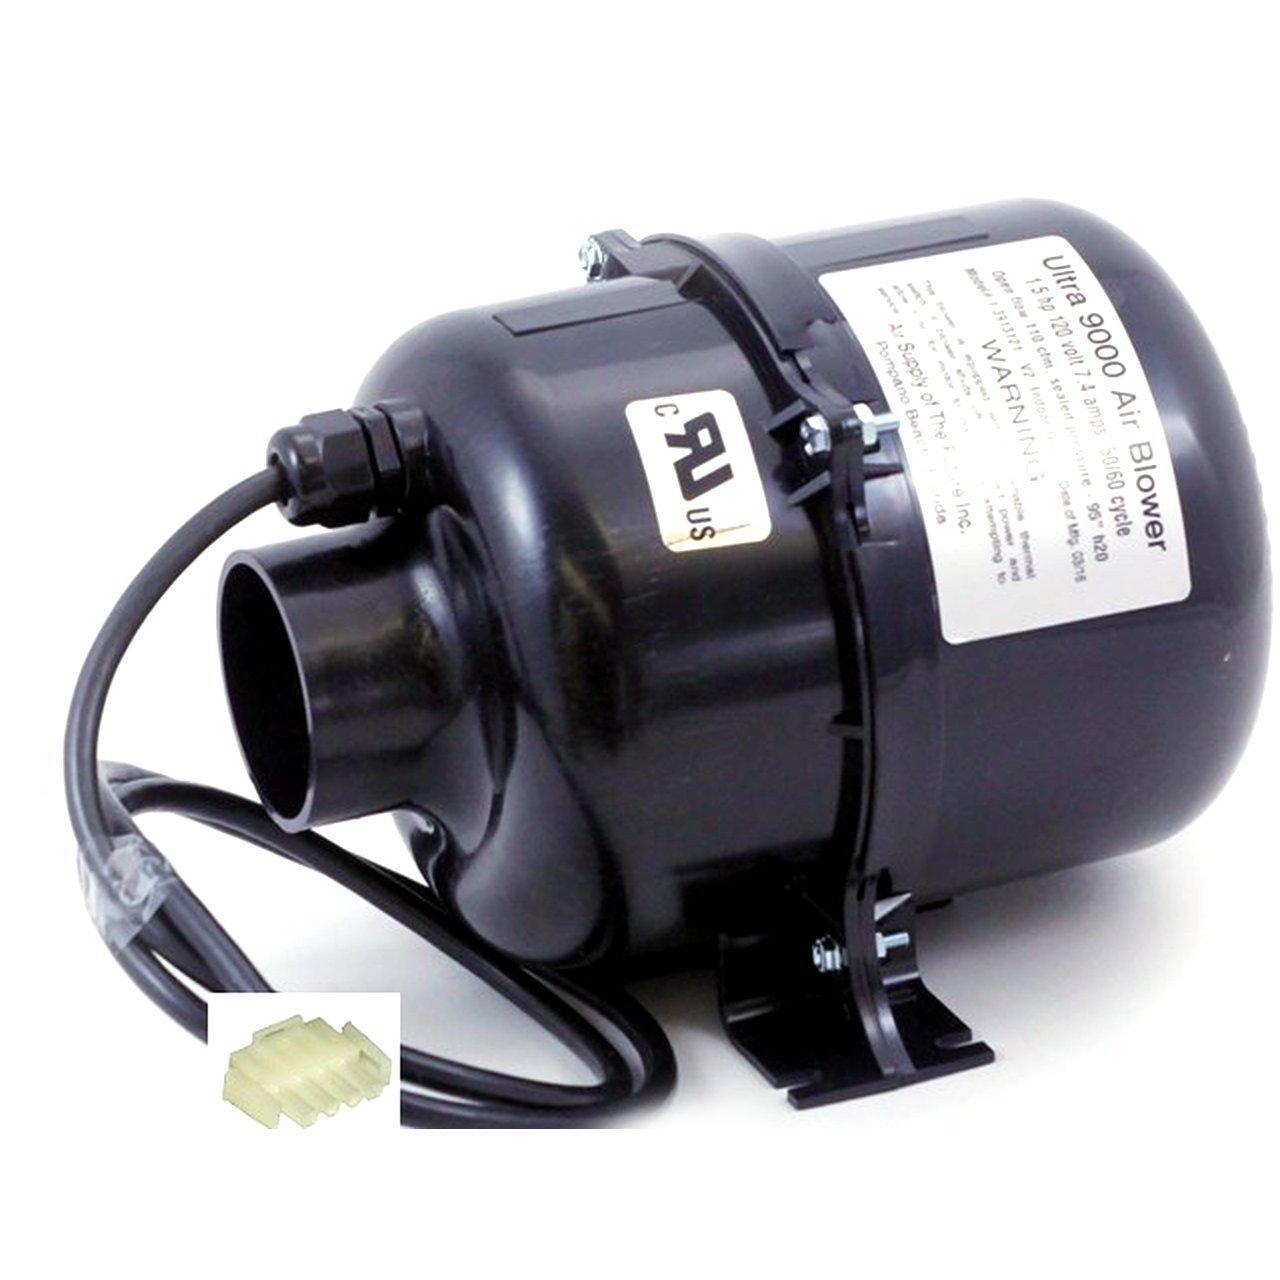 Air Supply Ultra 9000 Air Blower 10HP 240V w Cord